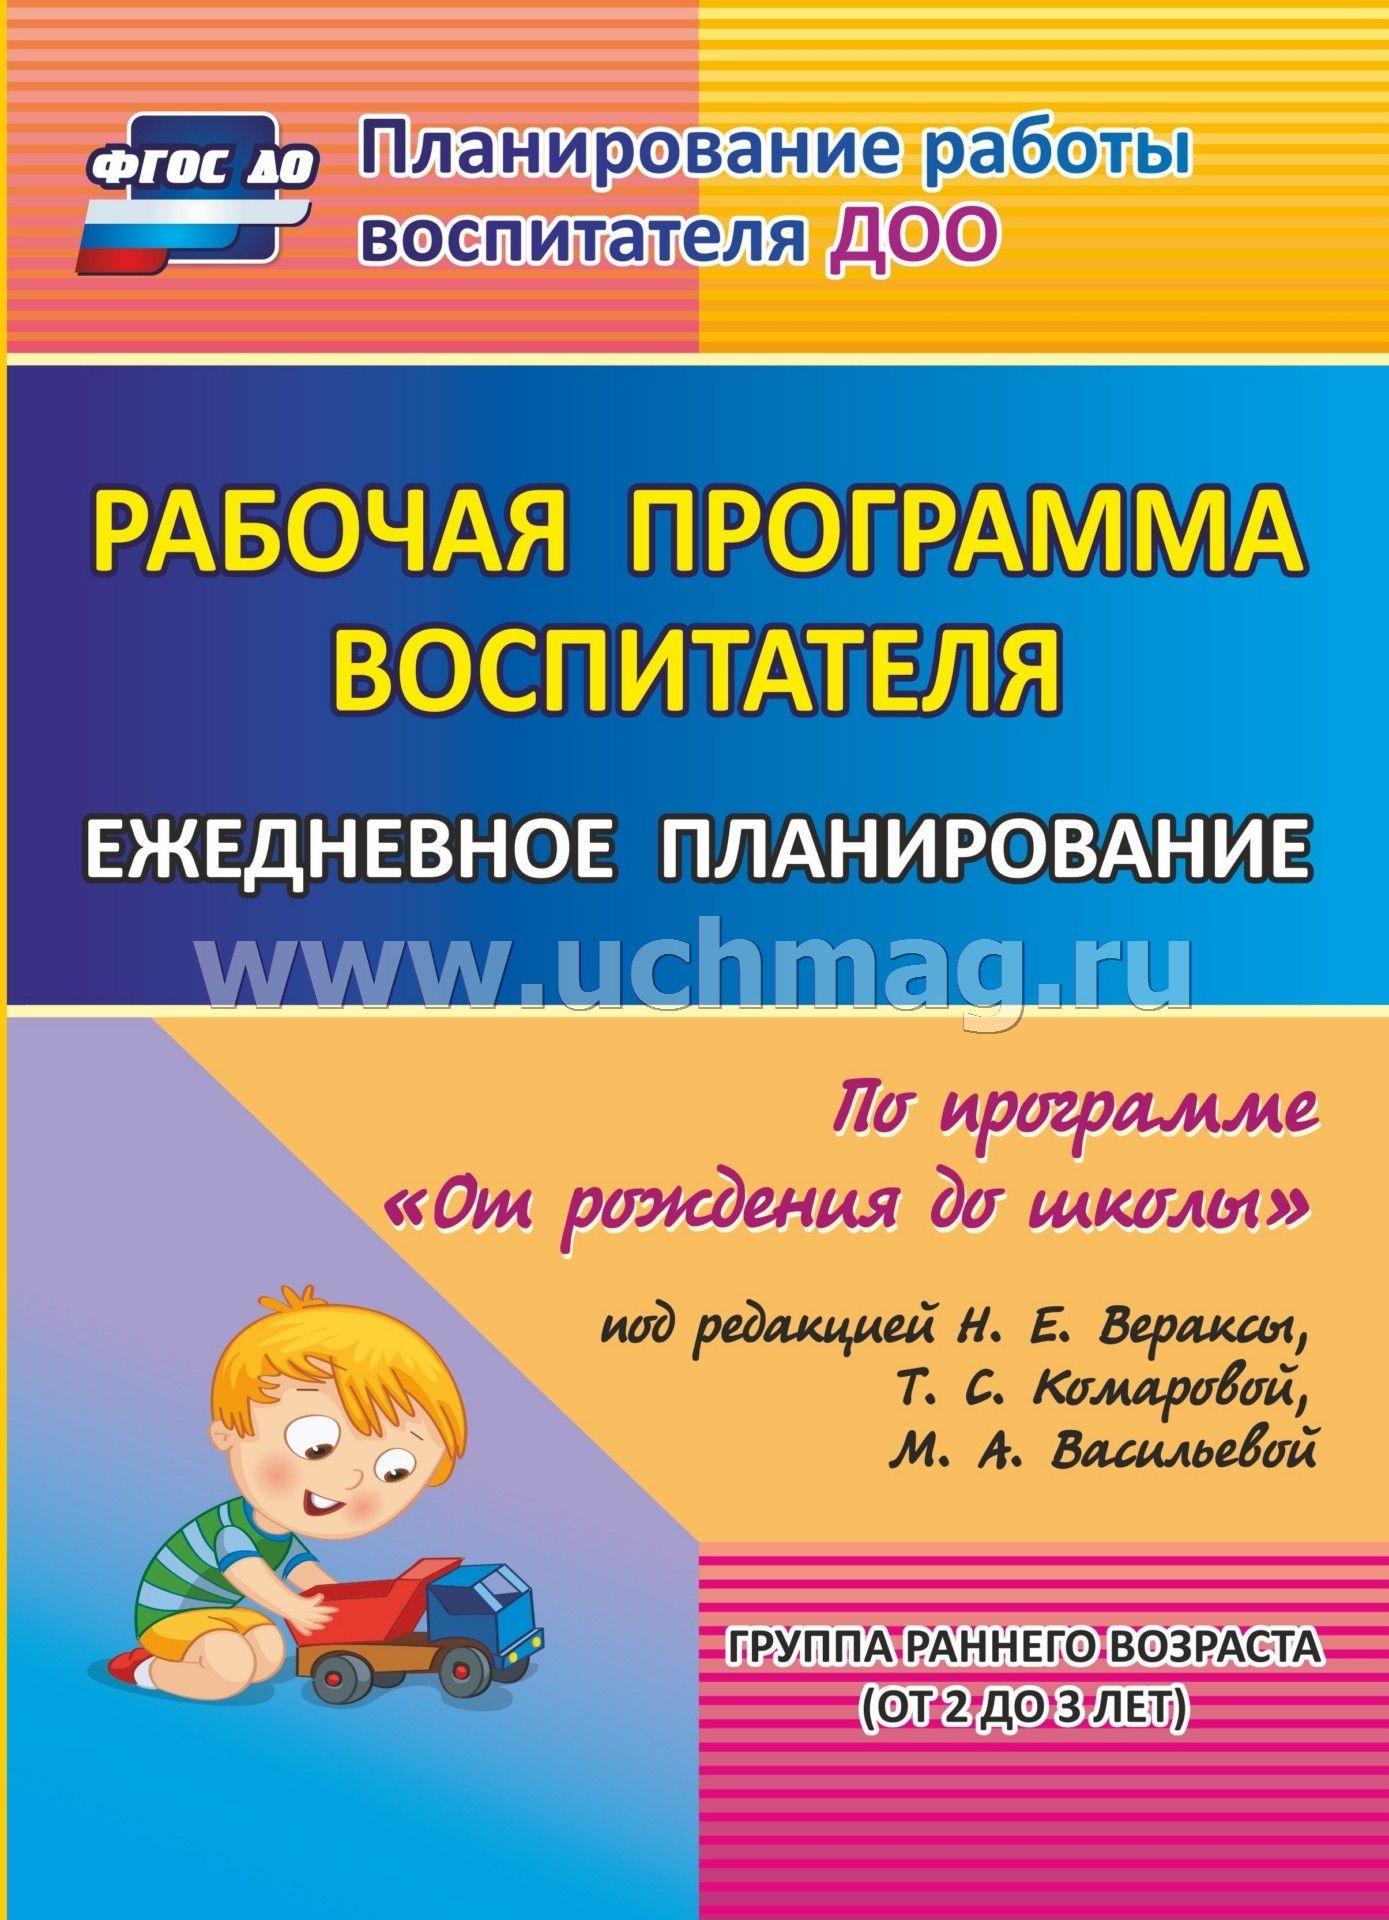 знакомство детей с сотрудниками детского